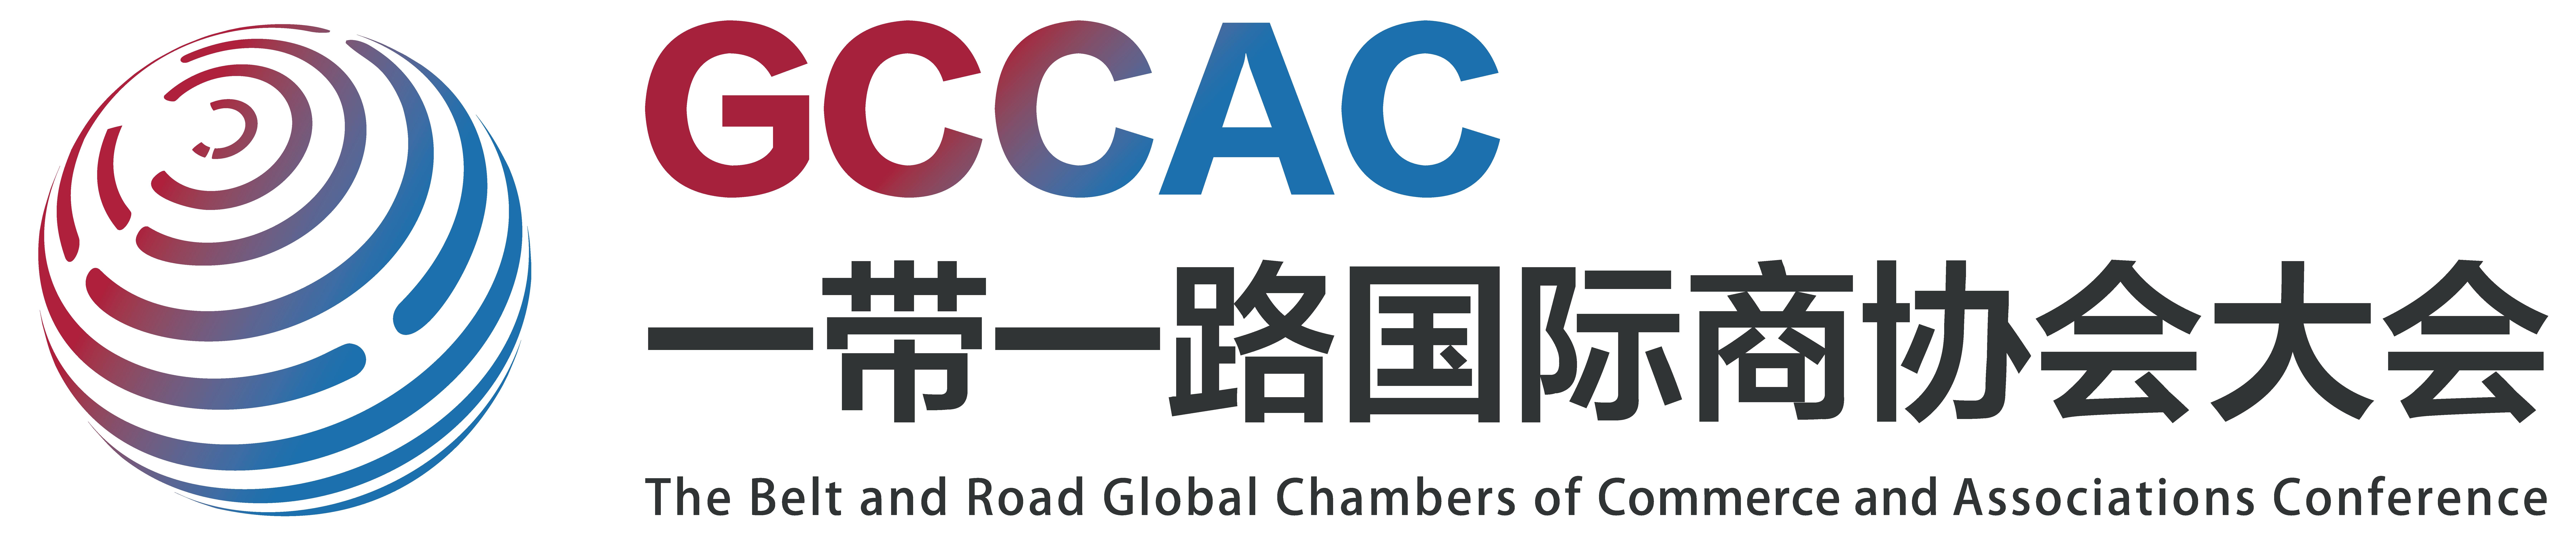 中国-欧洲投资经贸论坛